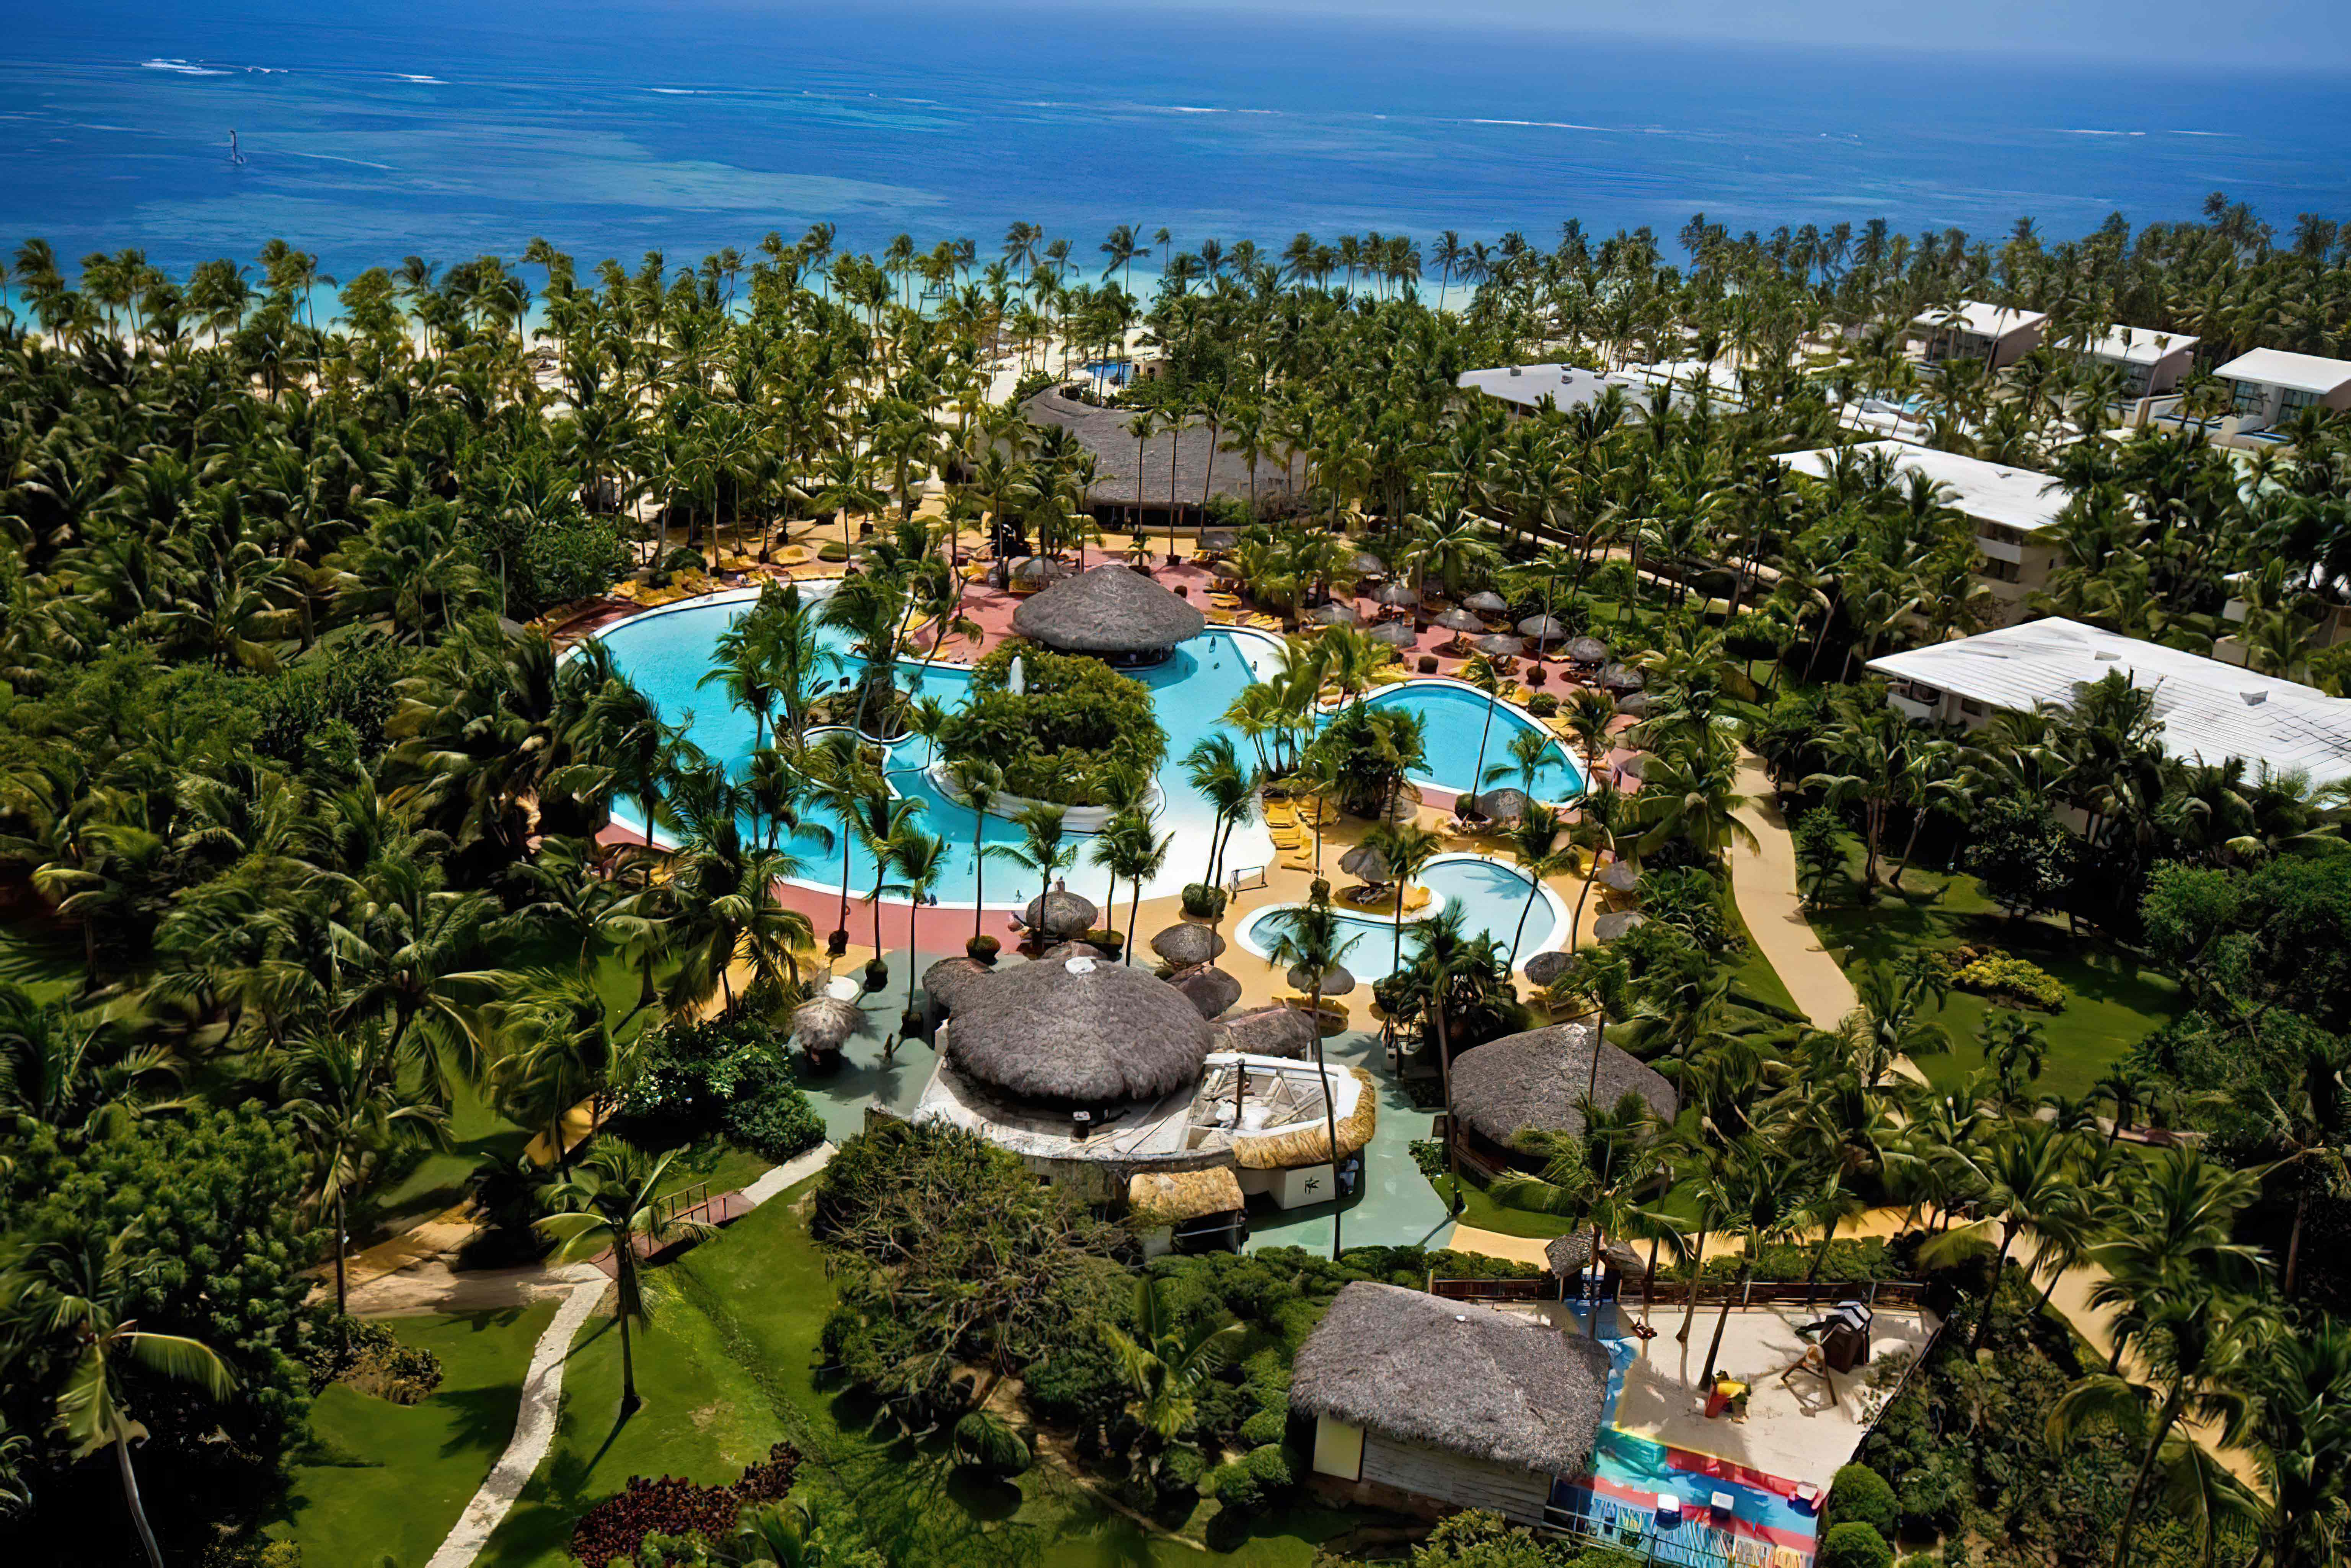 Blachomania - fotka výherného hotela Catalonia Bavaro Beach & Golf Resort v Dominikánskej republike